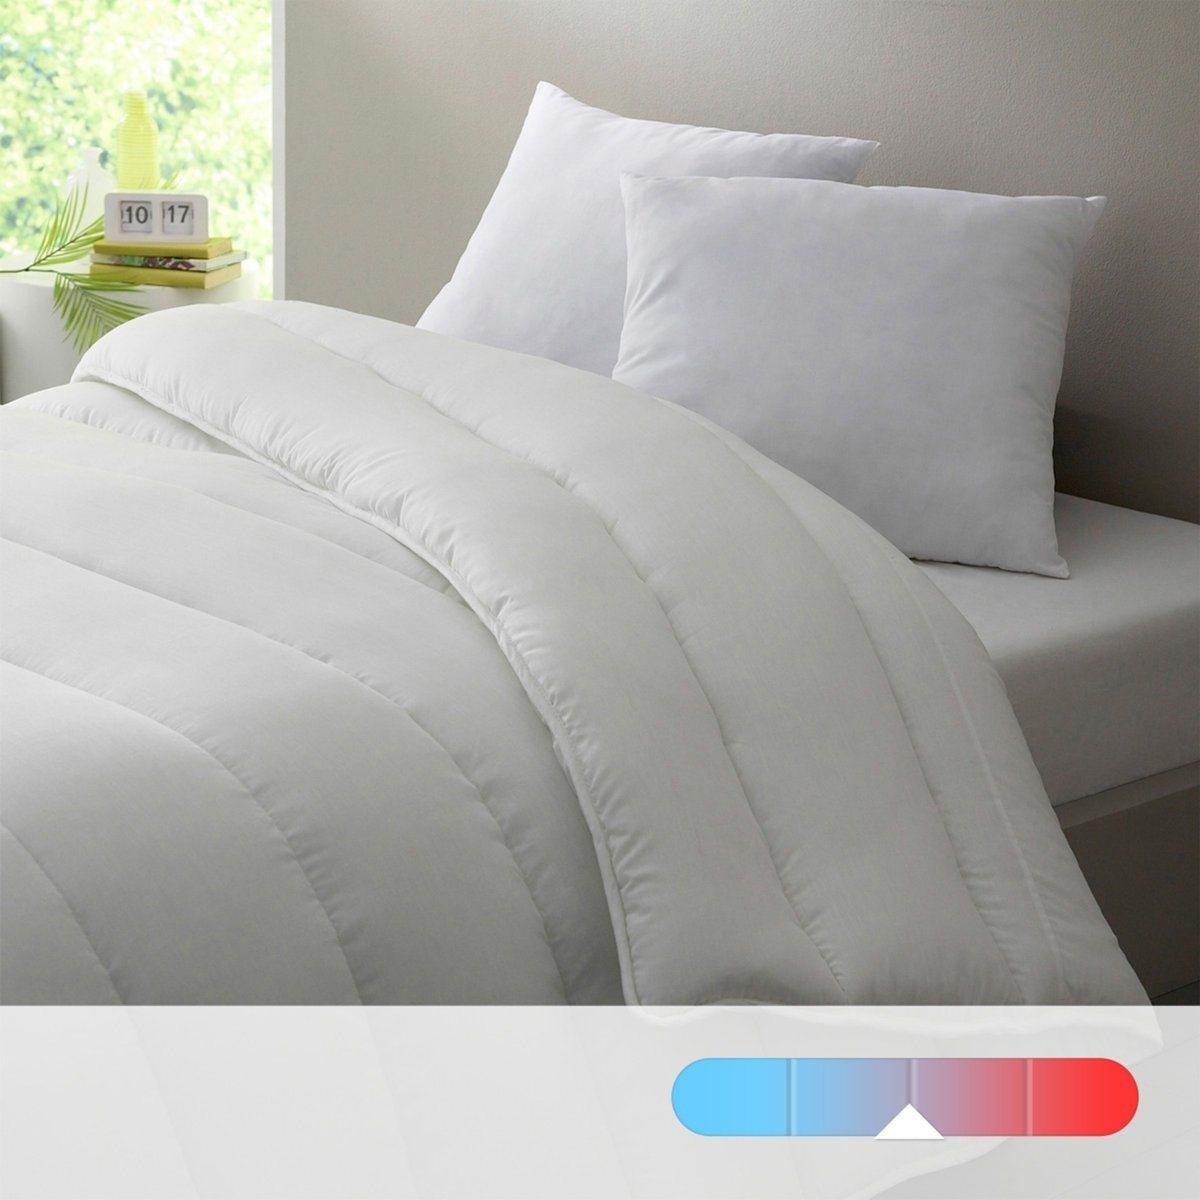 Одеяло 300 г/м?, 100% полиэстер, подвергнутый САНИТАРНОЙ ОБРАБОТКЕ300 г/м? : одеяло средней толщины, идеально подходит для комнат с умеренной температурой от 15 до 20 °C. Наполнитель : 100% полиэстера Чехол : 100% полиэстер. Отделка бейкой.  Прострочка : под угломСтирка при температуре 30°Биоцидная обработка<br><br>Цвет: белый